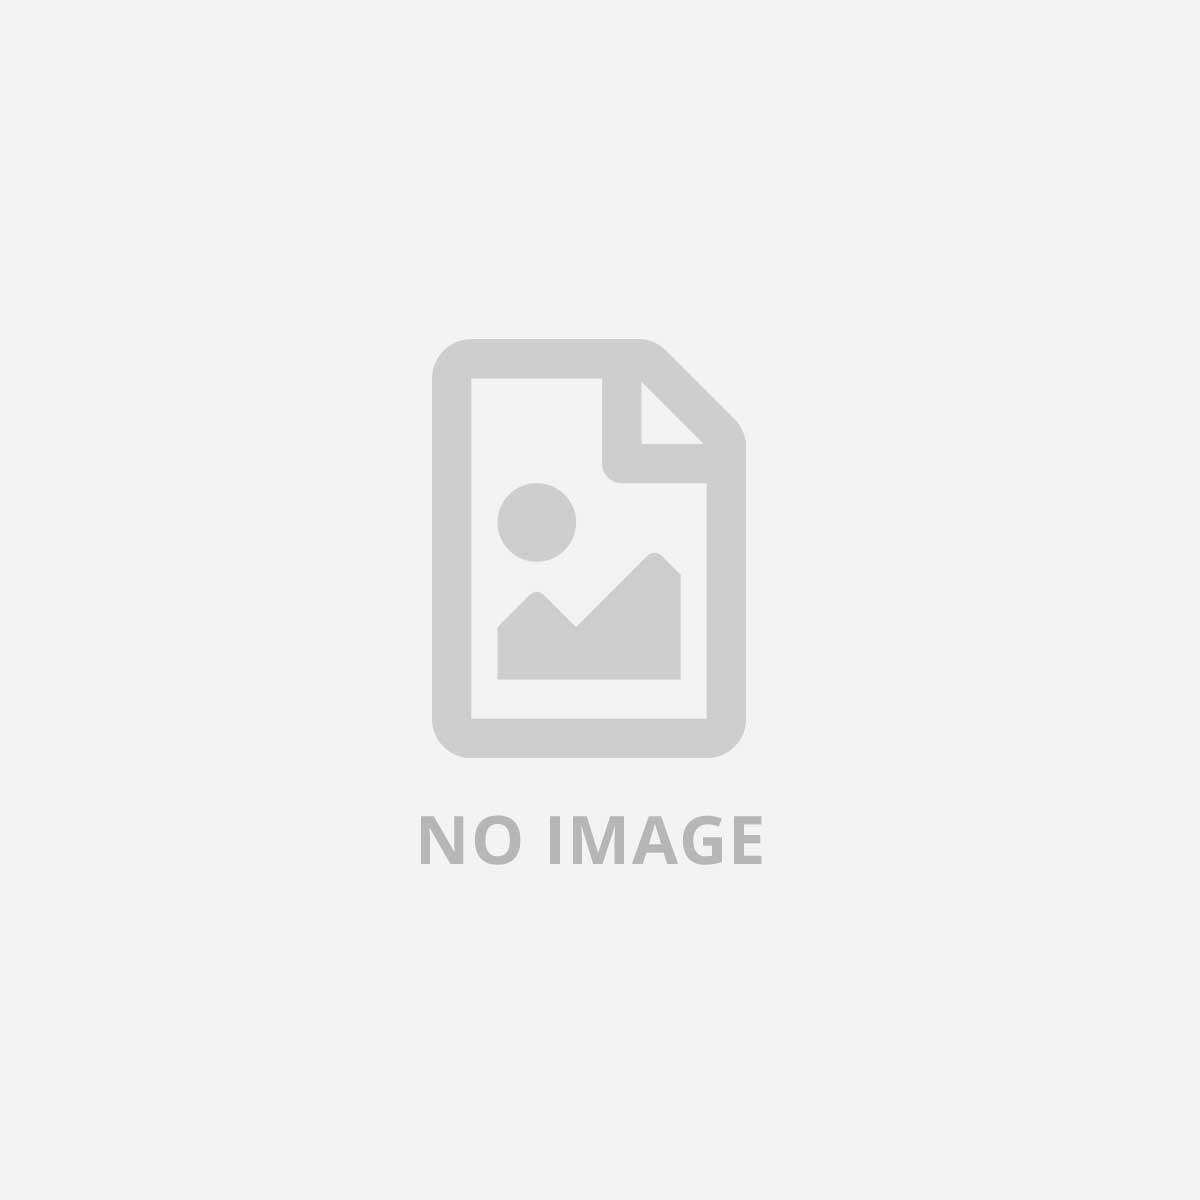 ANTEC NE650C EC 80+ BRONZE